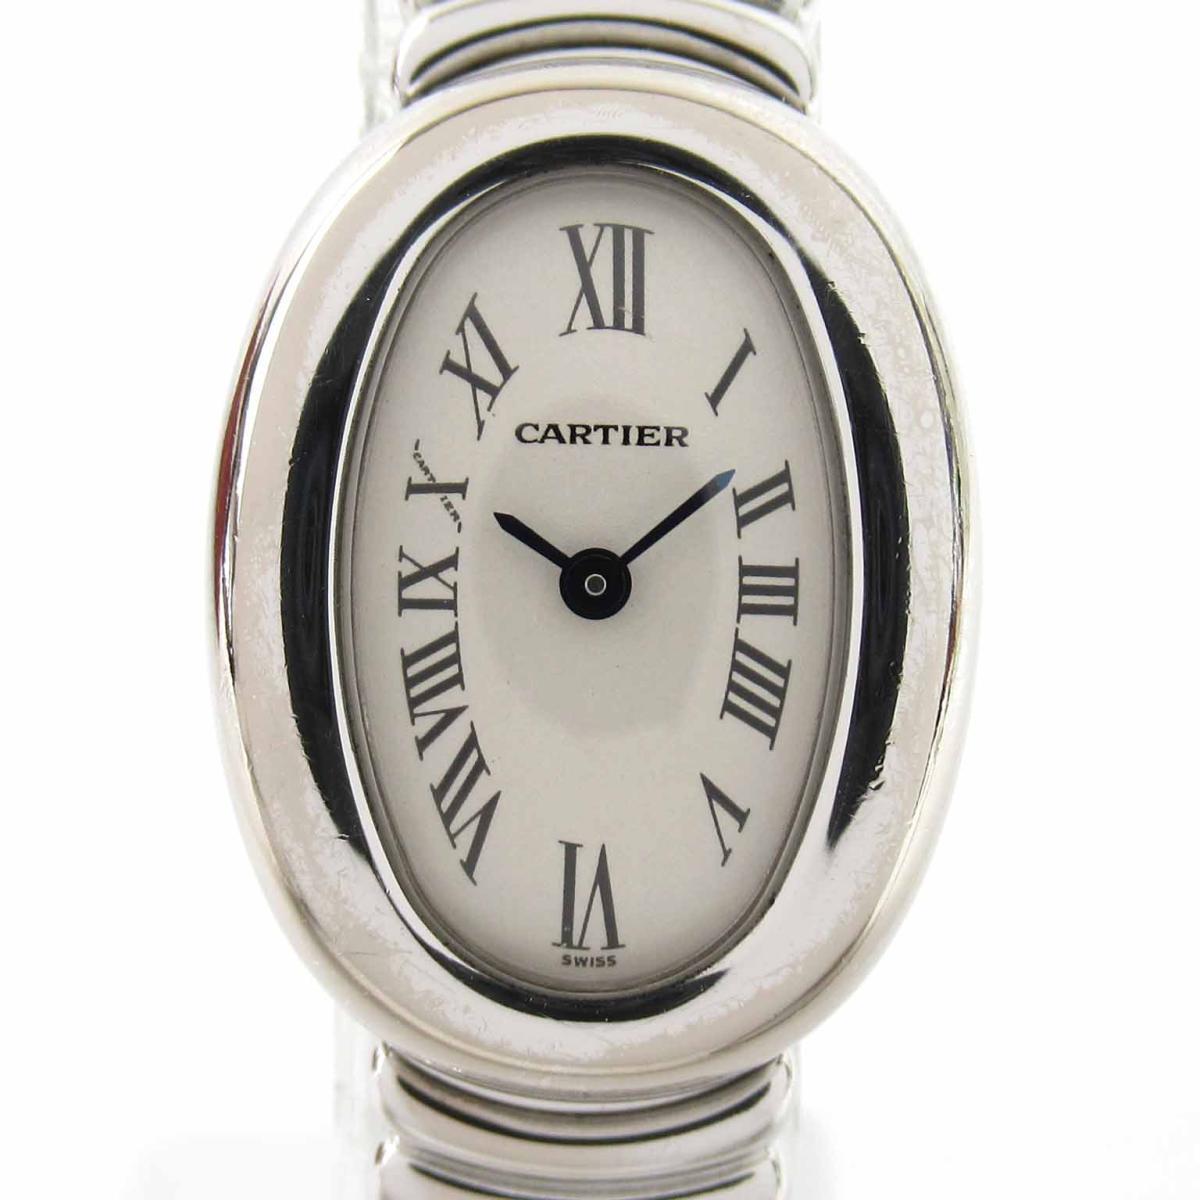 ≪期間限定≫メルマガ登録でクーポンGET! 【中古】 カルティエ ミニべニュワール ウォッチ 腕時計 レディース K18WG (750)ホワイトゴールド (2369) | Cartier BRANDOFF ブランドオフ ブランド ブランド時計 ブランド腕時計 時計